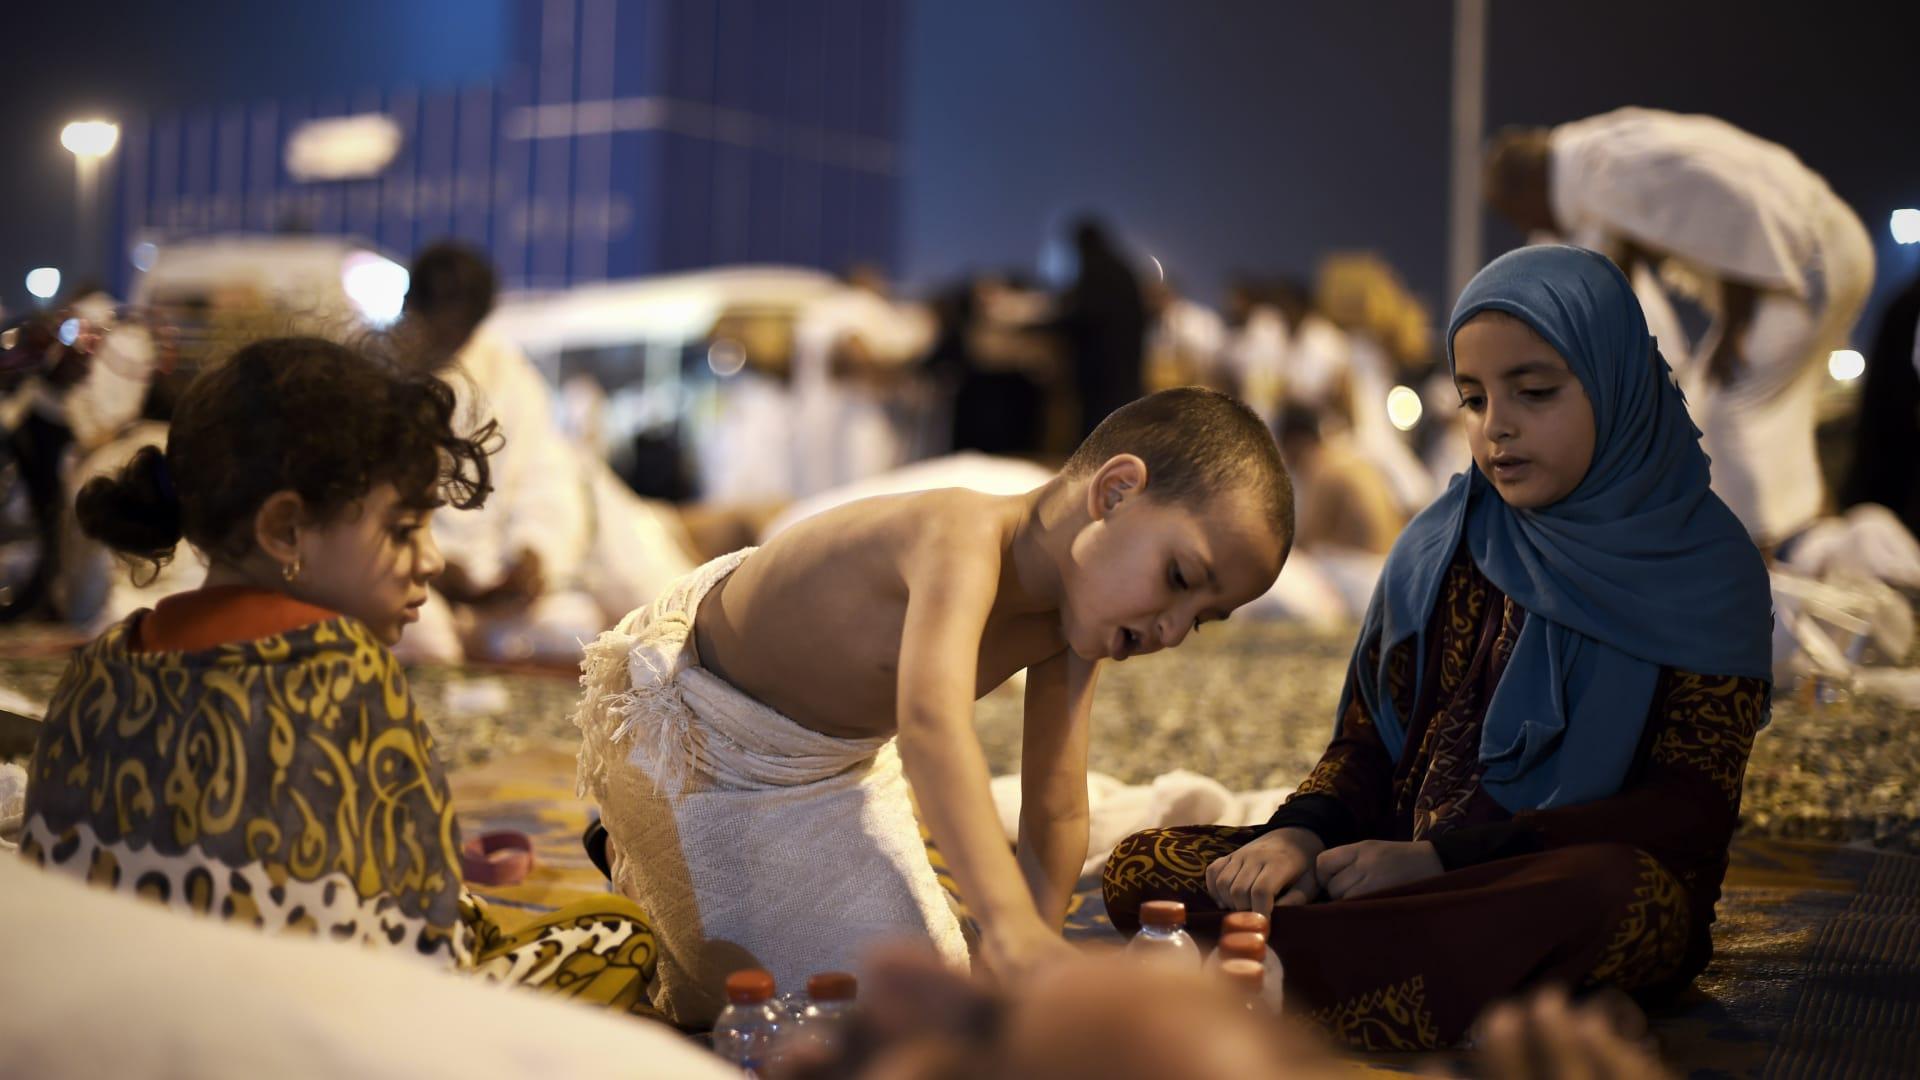 أطفال يجلسون بعد وصولهم مع ذويهم إلى مزدلفة قادمين من عرفة في مكة